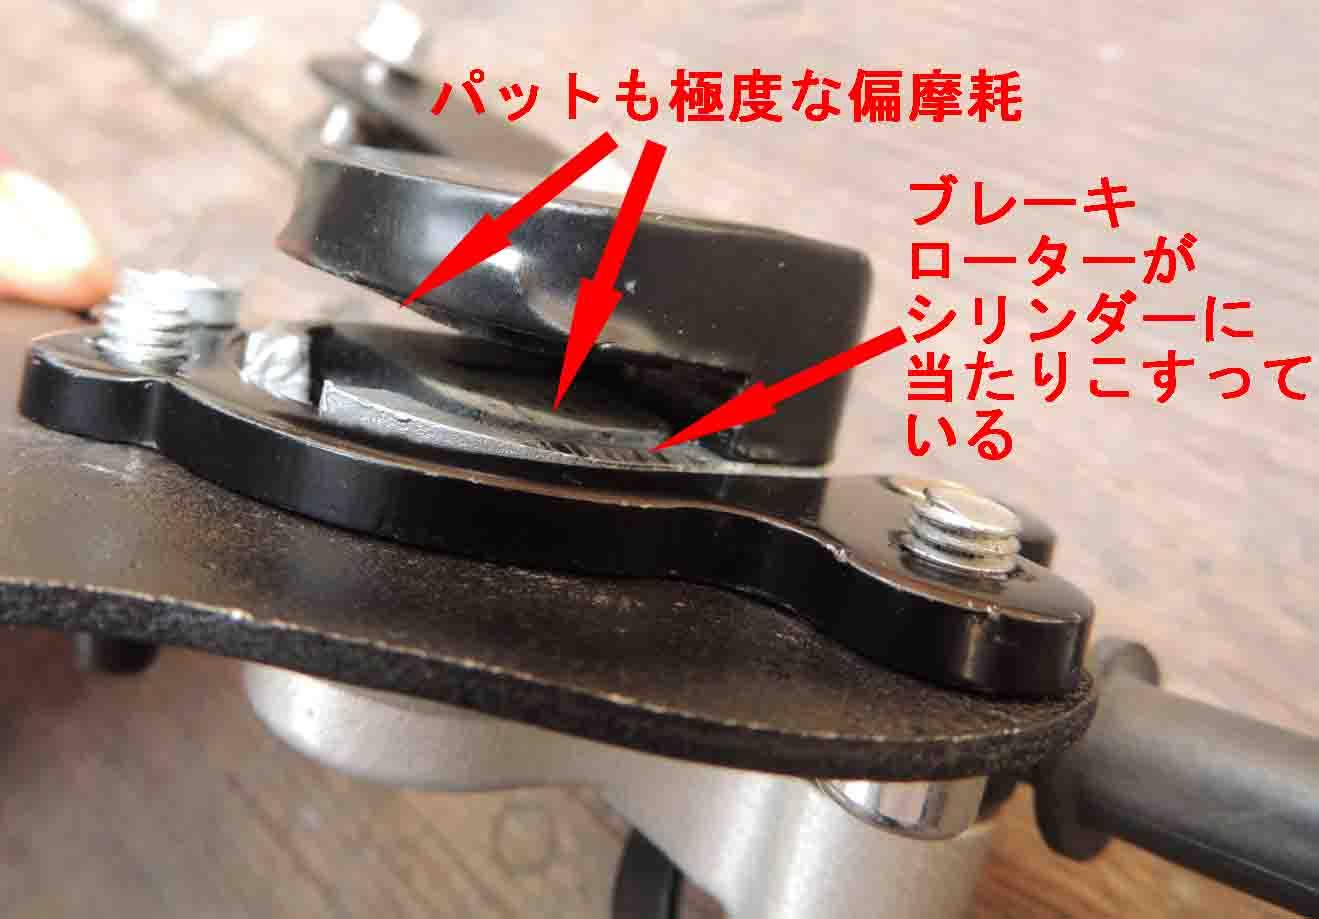 blogDSCN1780.jpg